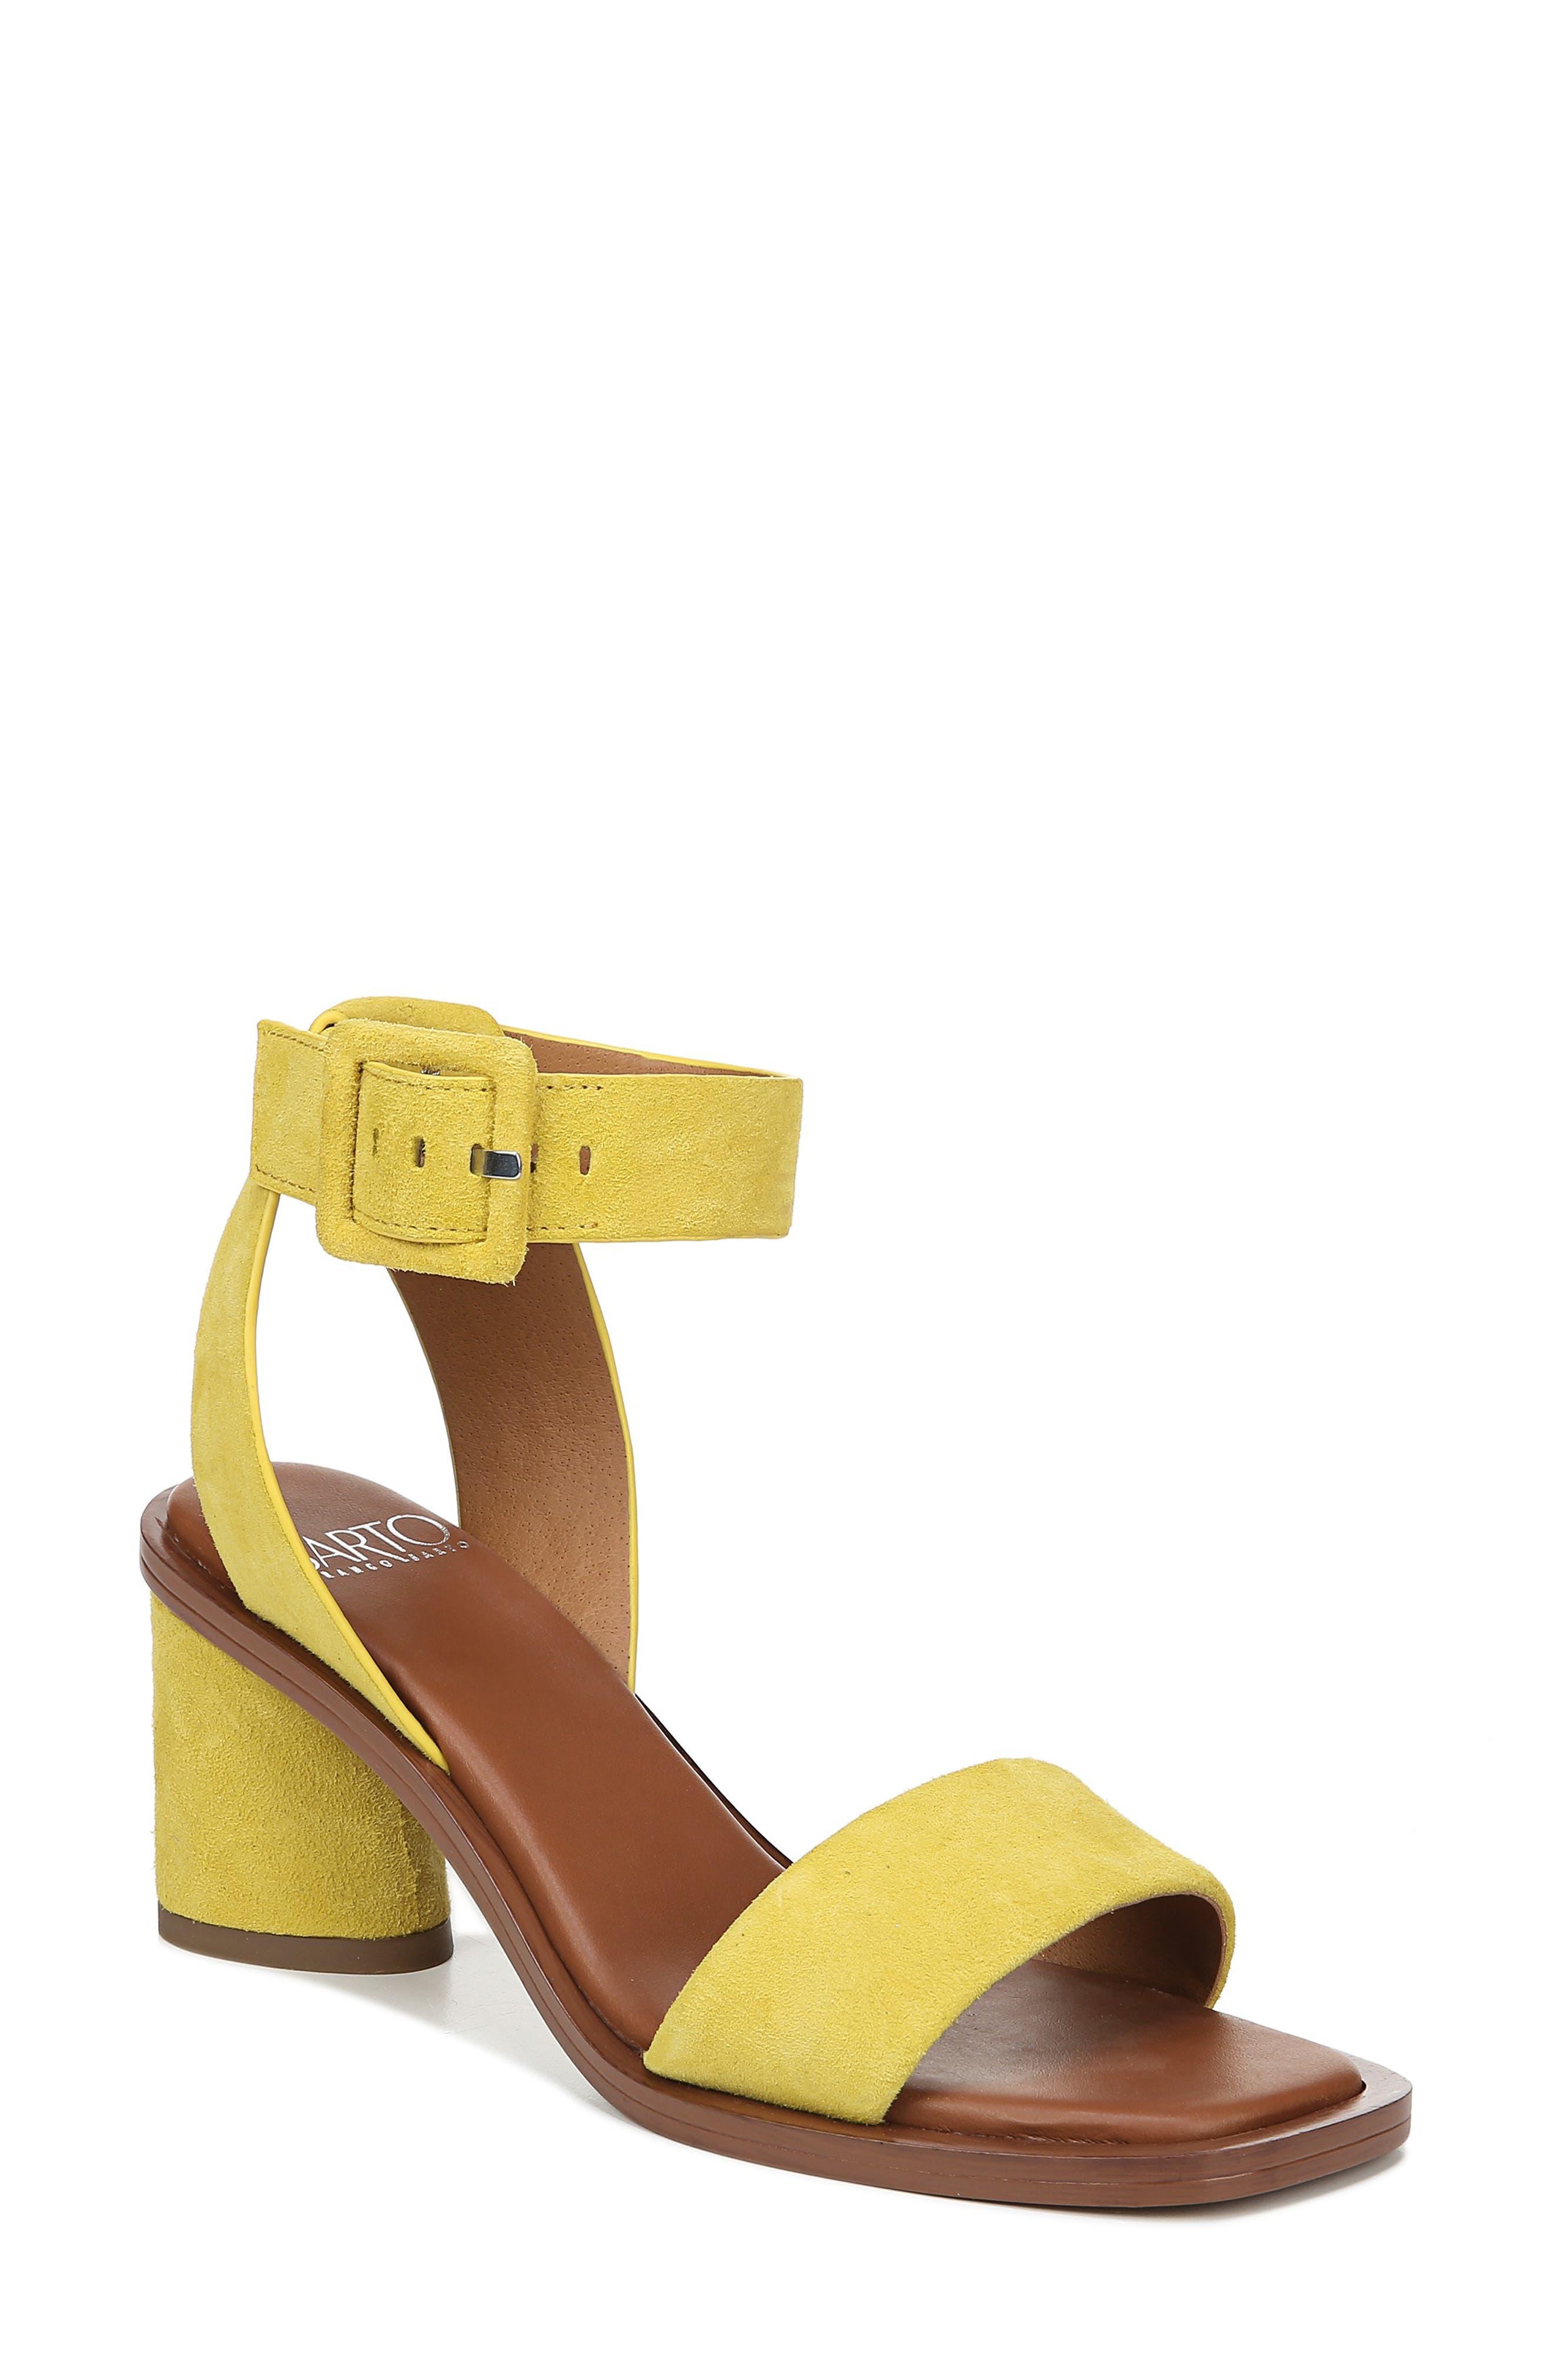 Sarto By Franco Sarto Risa Strap Sandal- Yellow